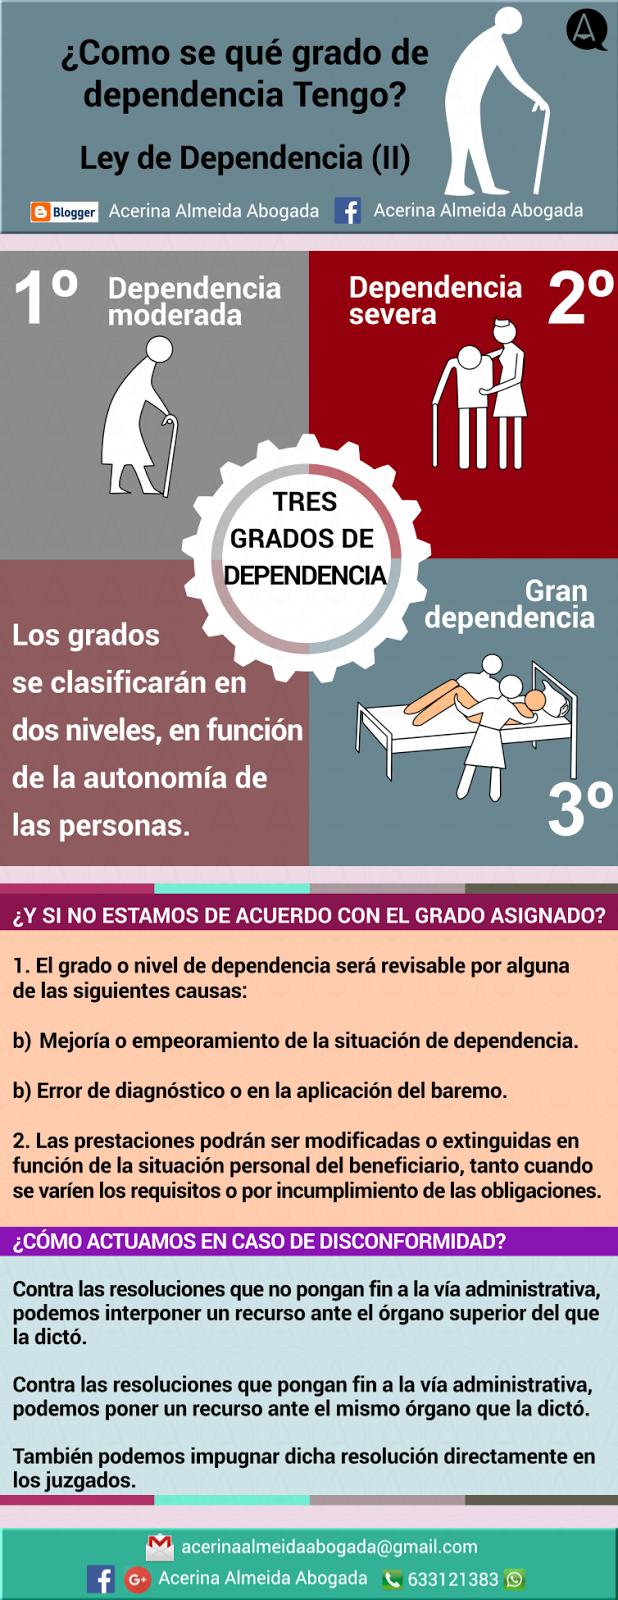 Infografía para saber el grado de dependencia y cómo reclamar.